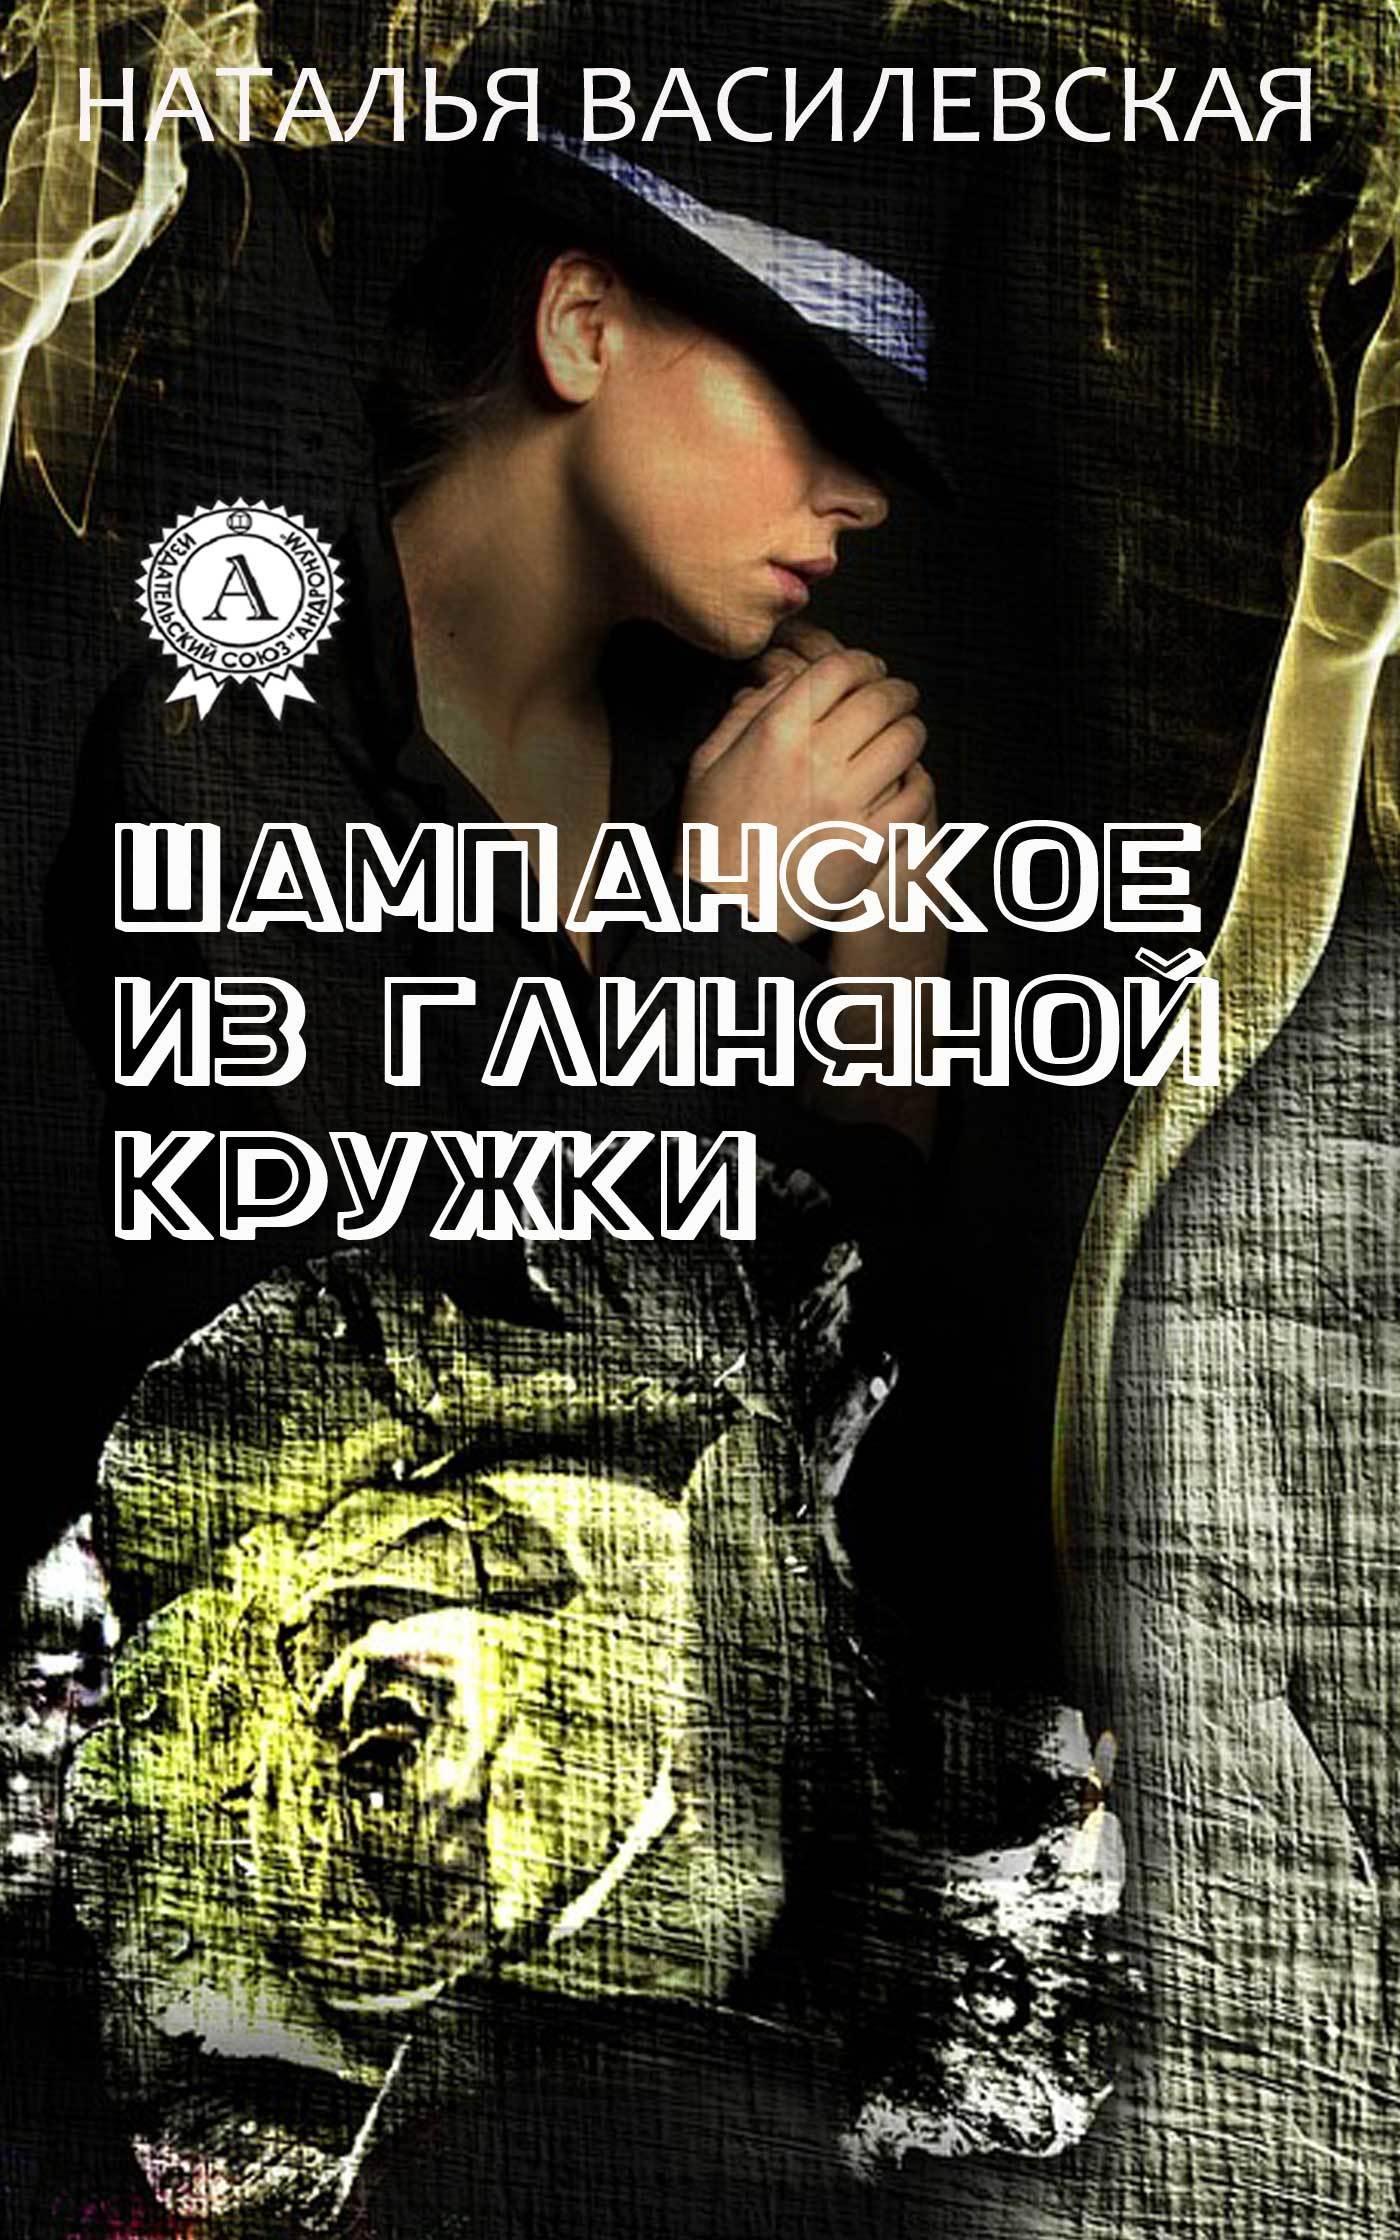 Наталья Василевская Шампанское из глиняной кружки татьяна гуляева не могу смириться с уходом мужа